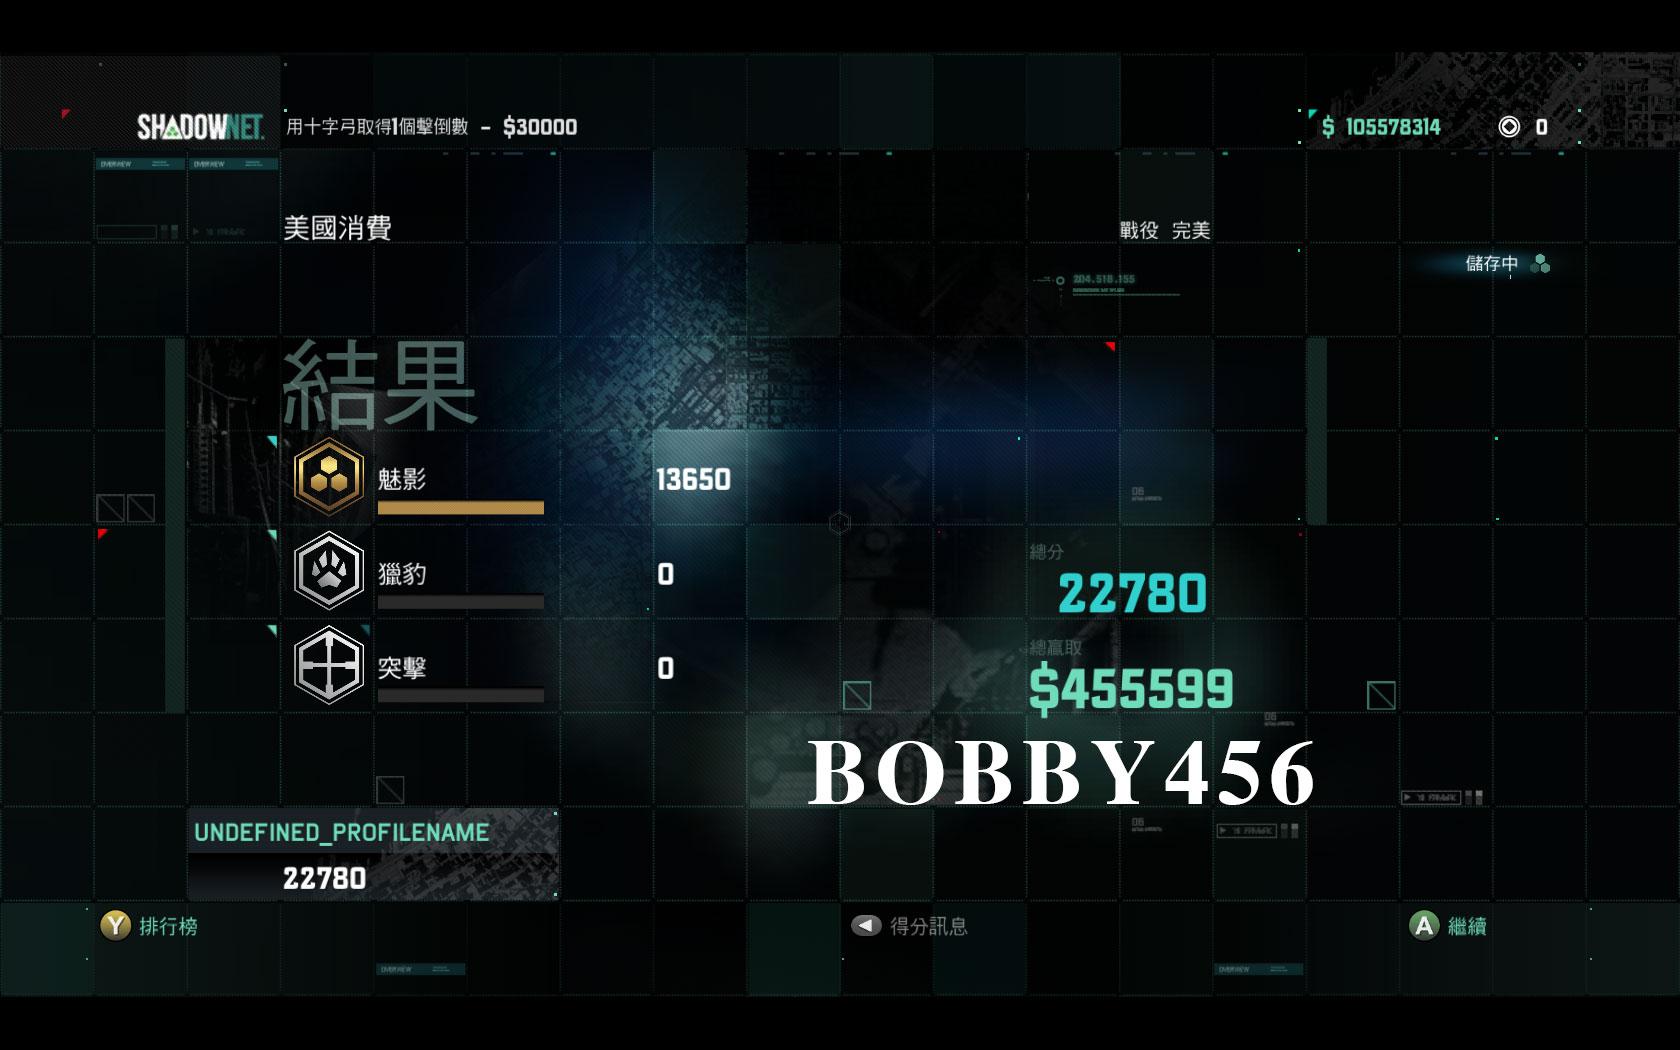 Blacklist_DX11_game-2013-09-03-21-01-31-22.jpg